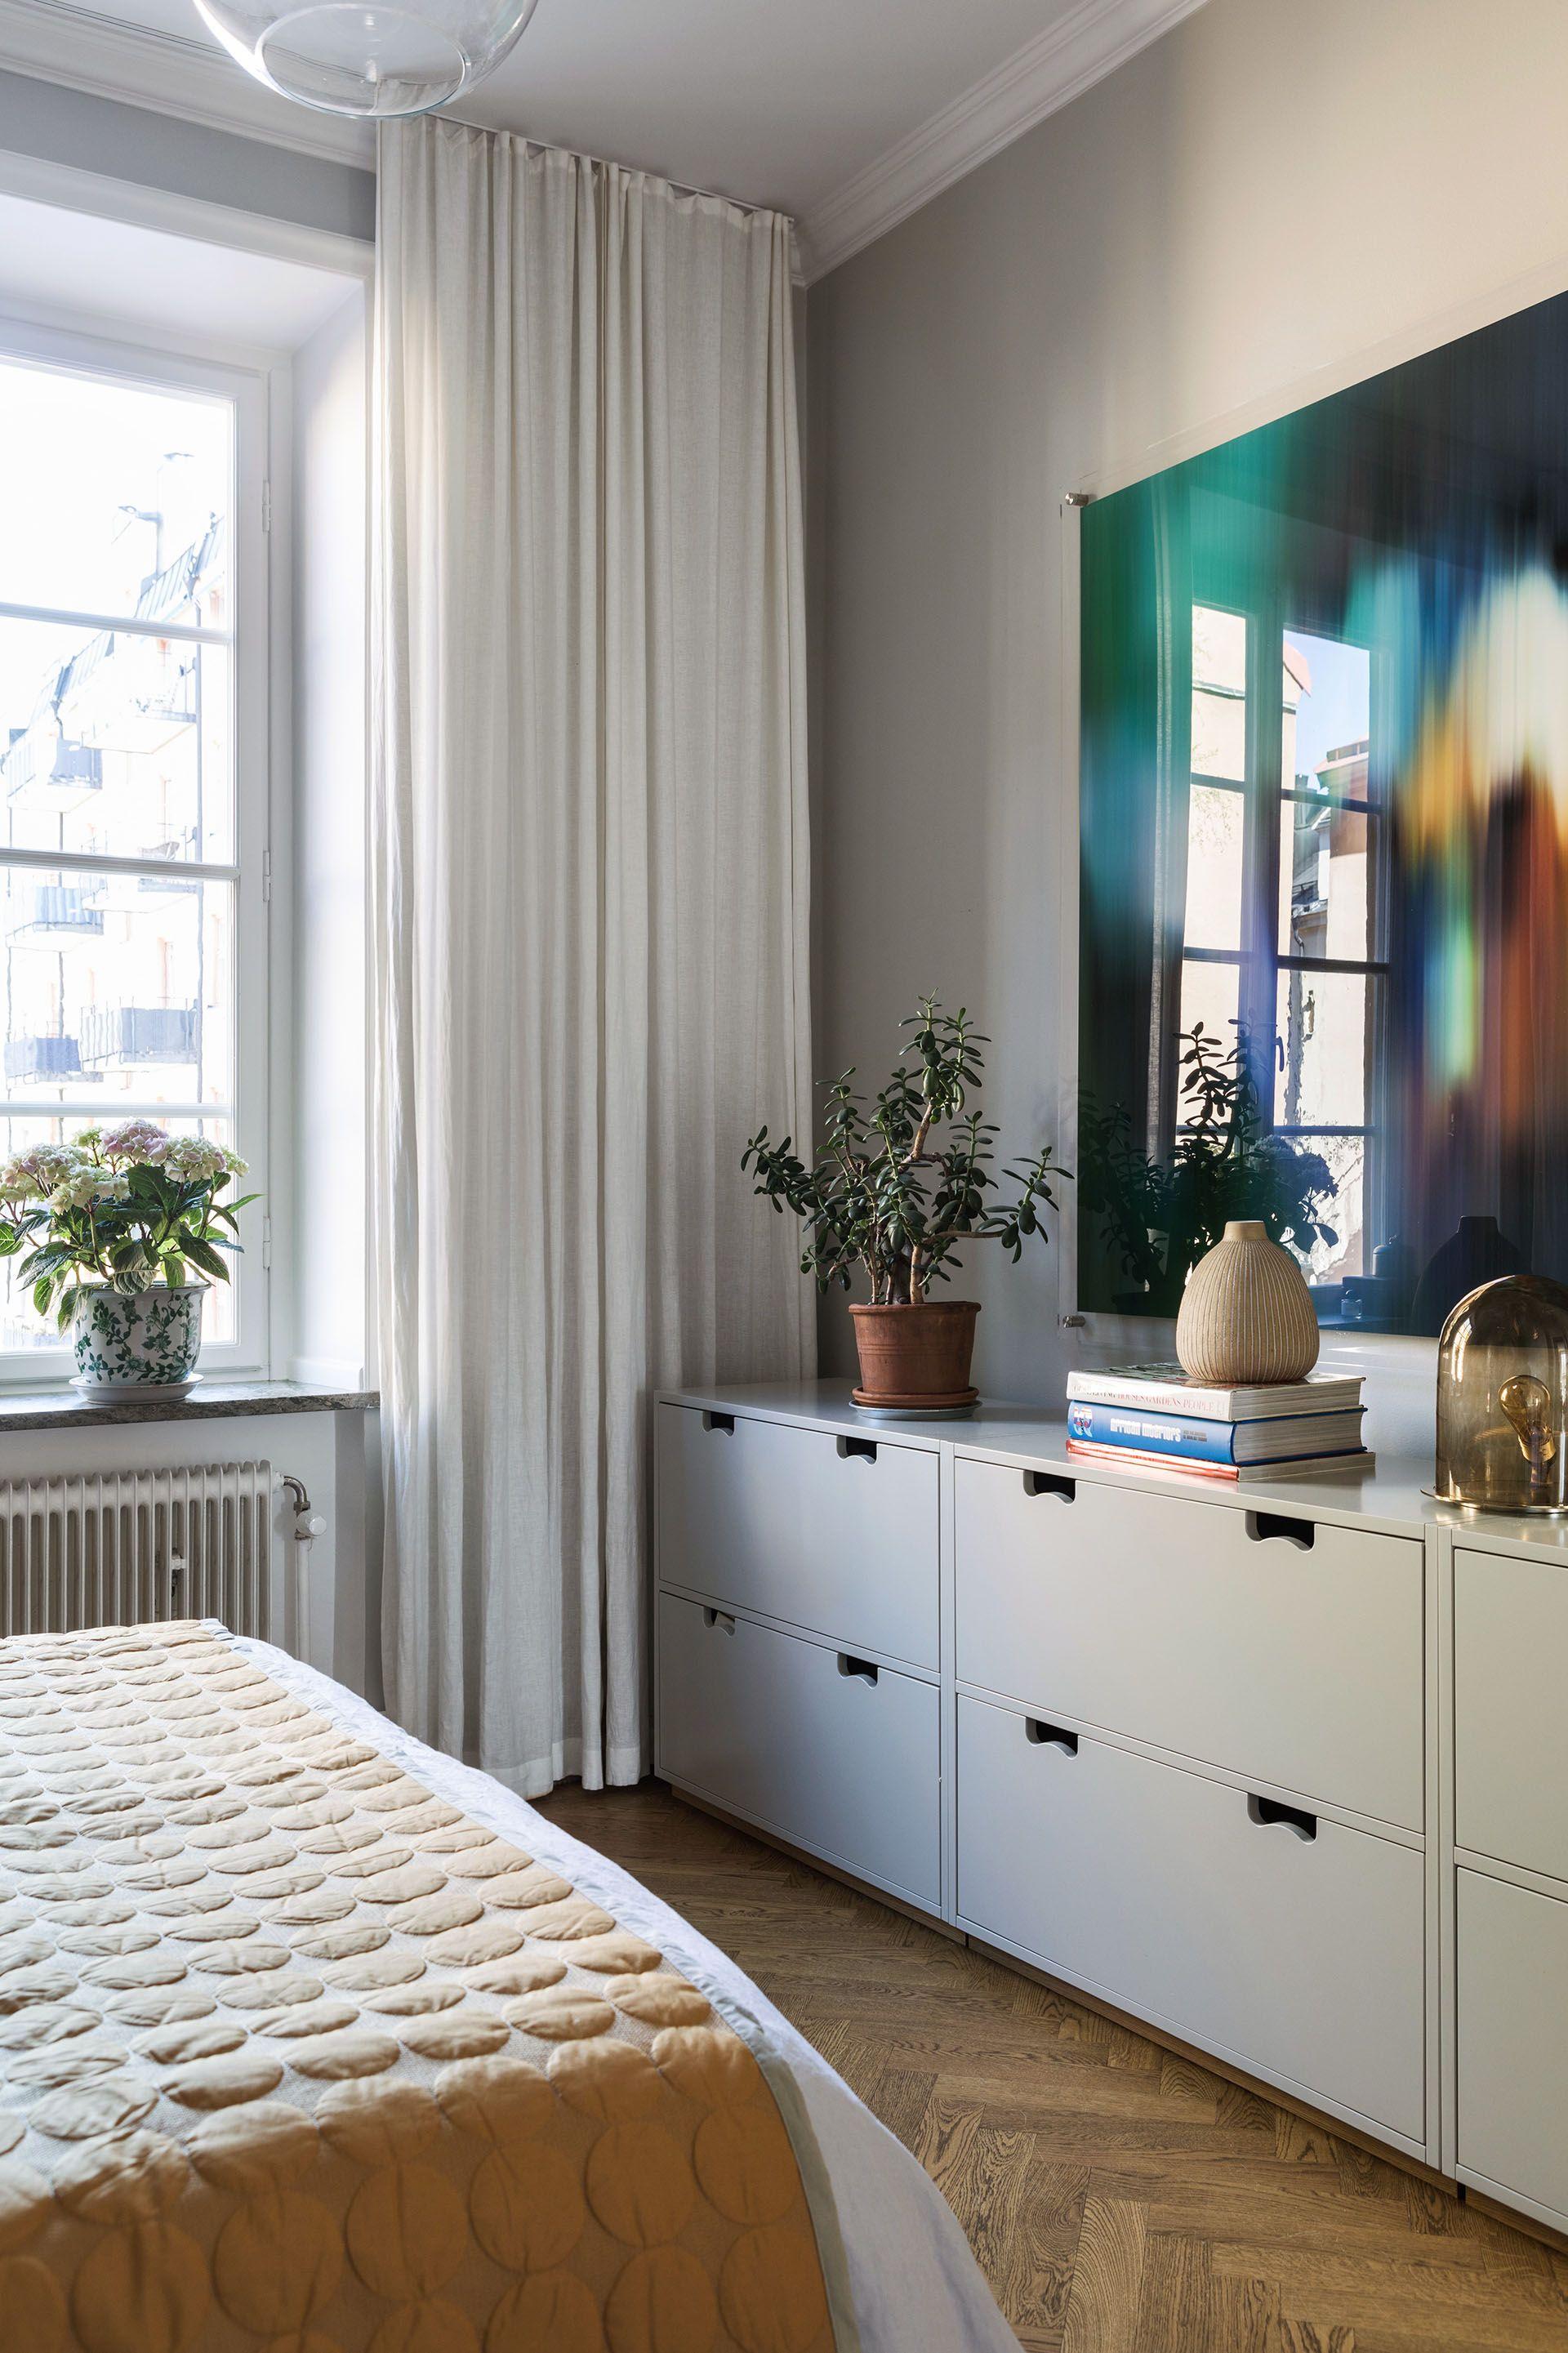 2 bedroom interior design odengatan   tr  per jansson fastighetsförmedling  beautiful